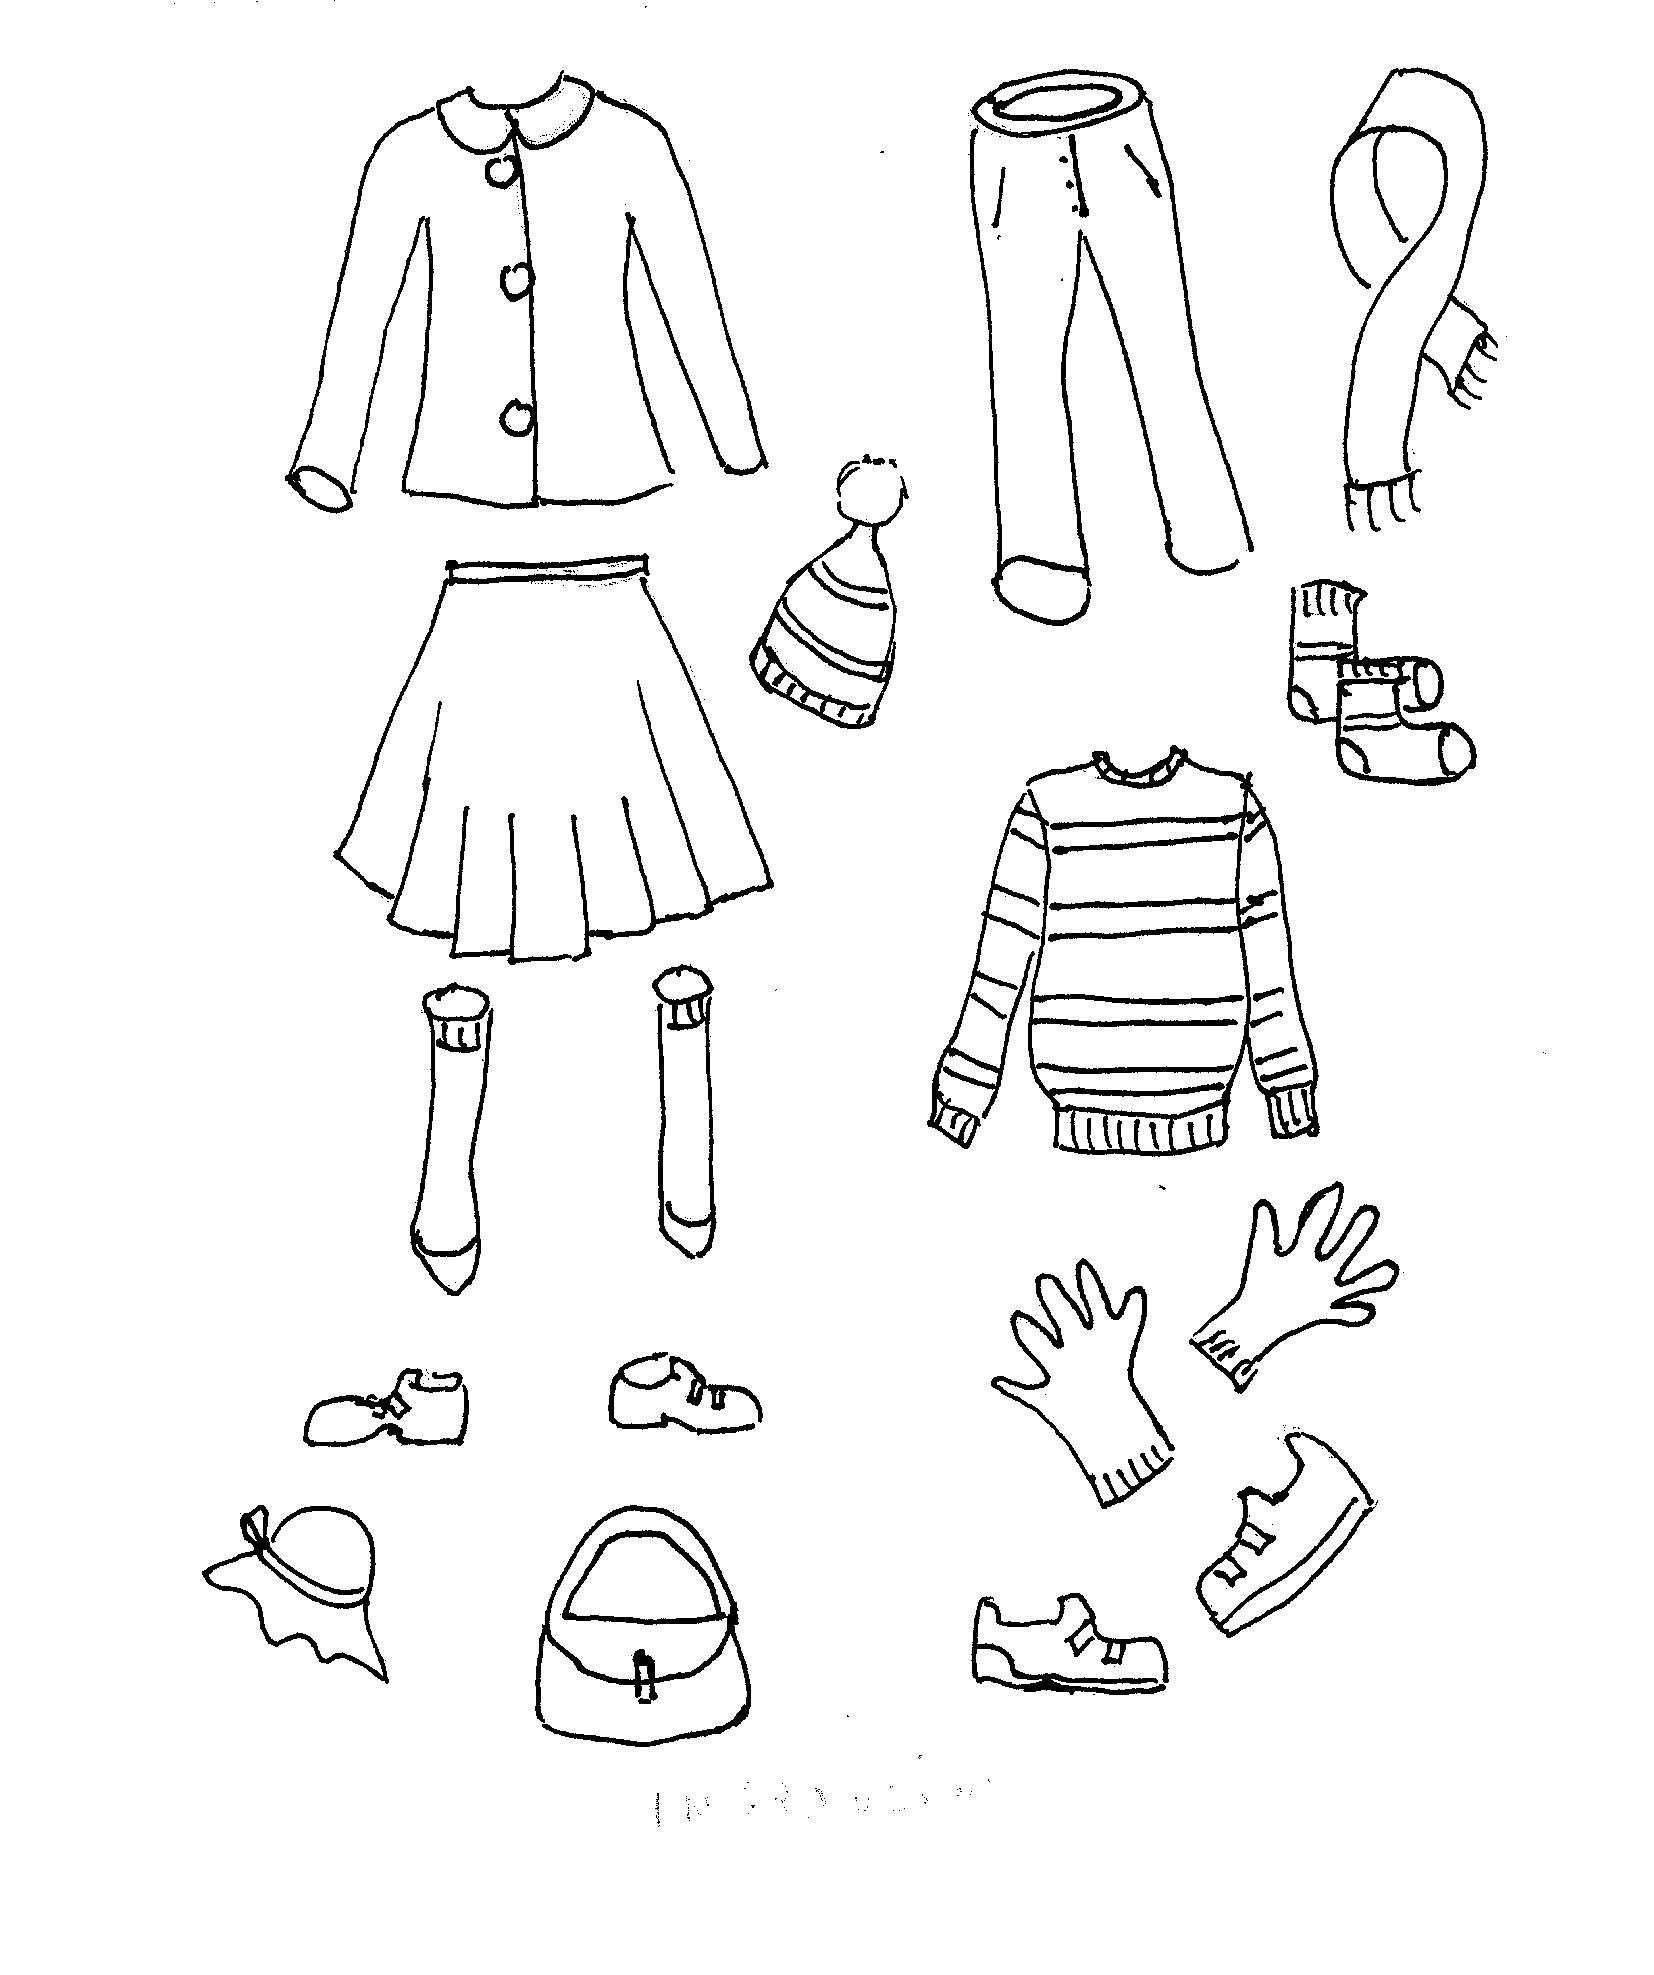 Disegni Da Colorare Bambini I Vestiti